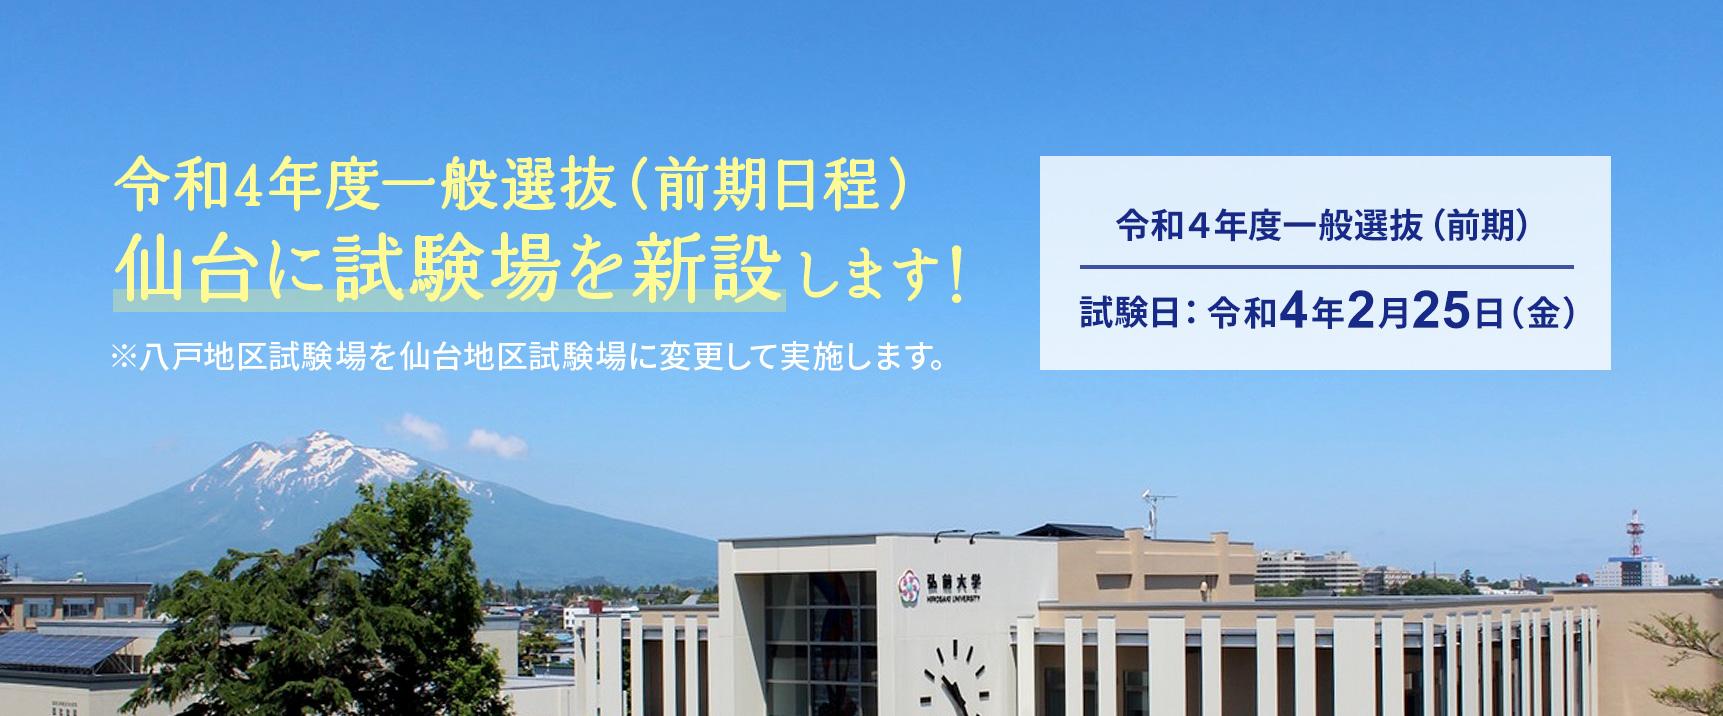 令和4年度一般選抜(前期日程)仙台に試験場を新設